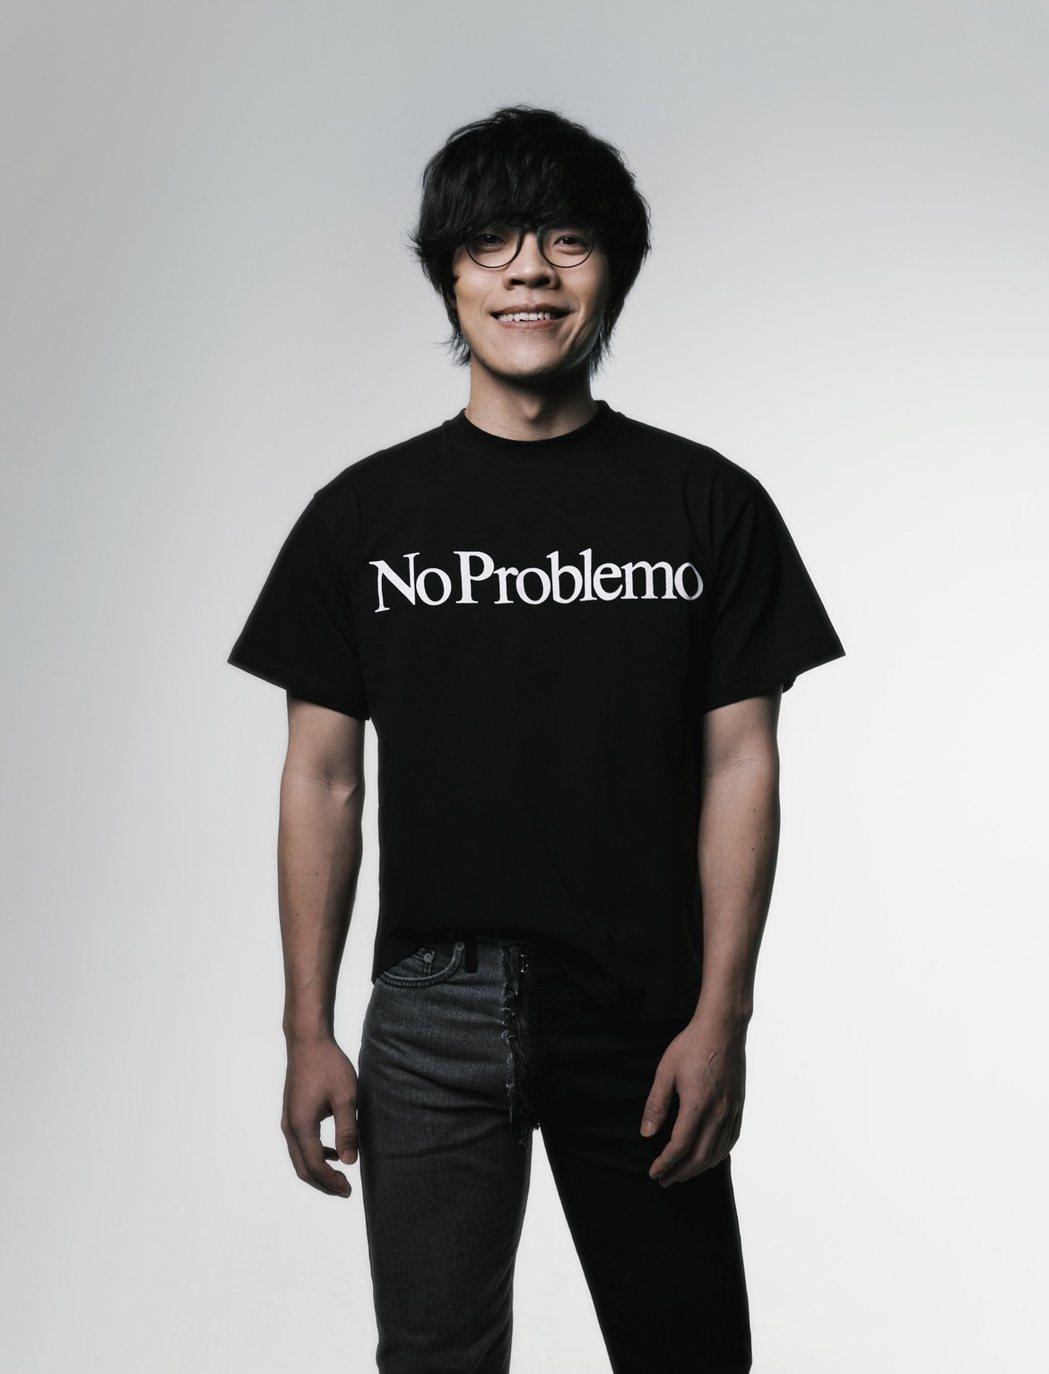 盧廣仲釋出第二波宣傳照,招牌眼鏡回歸了。圖/添翼創越提供